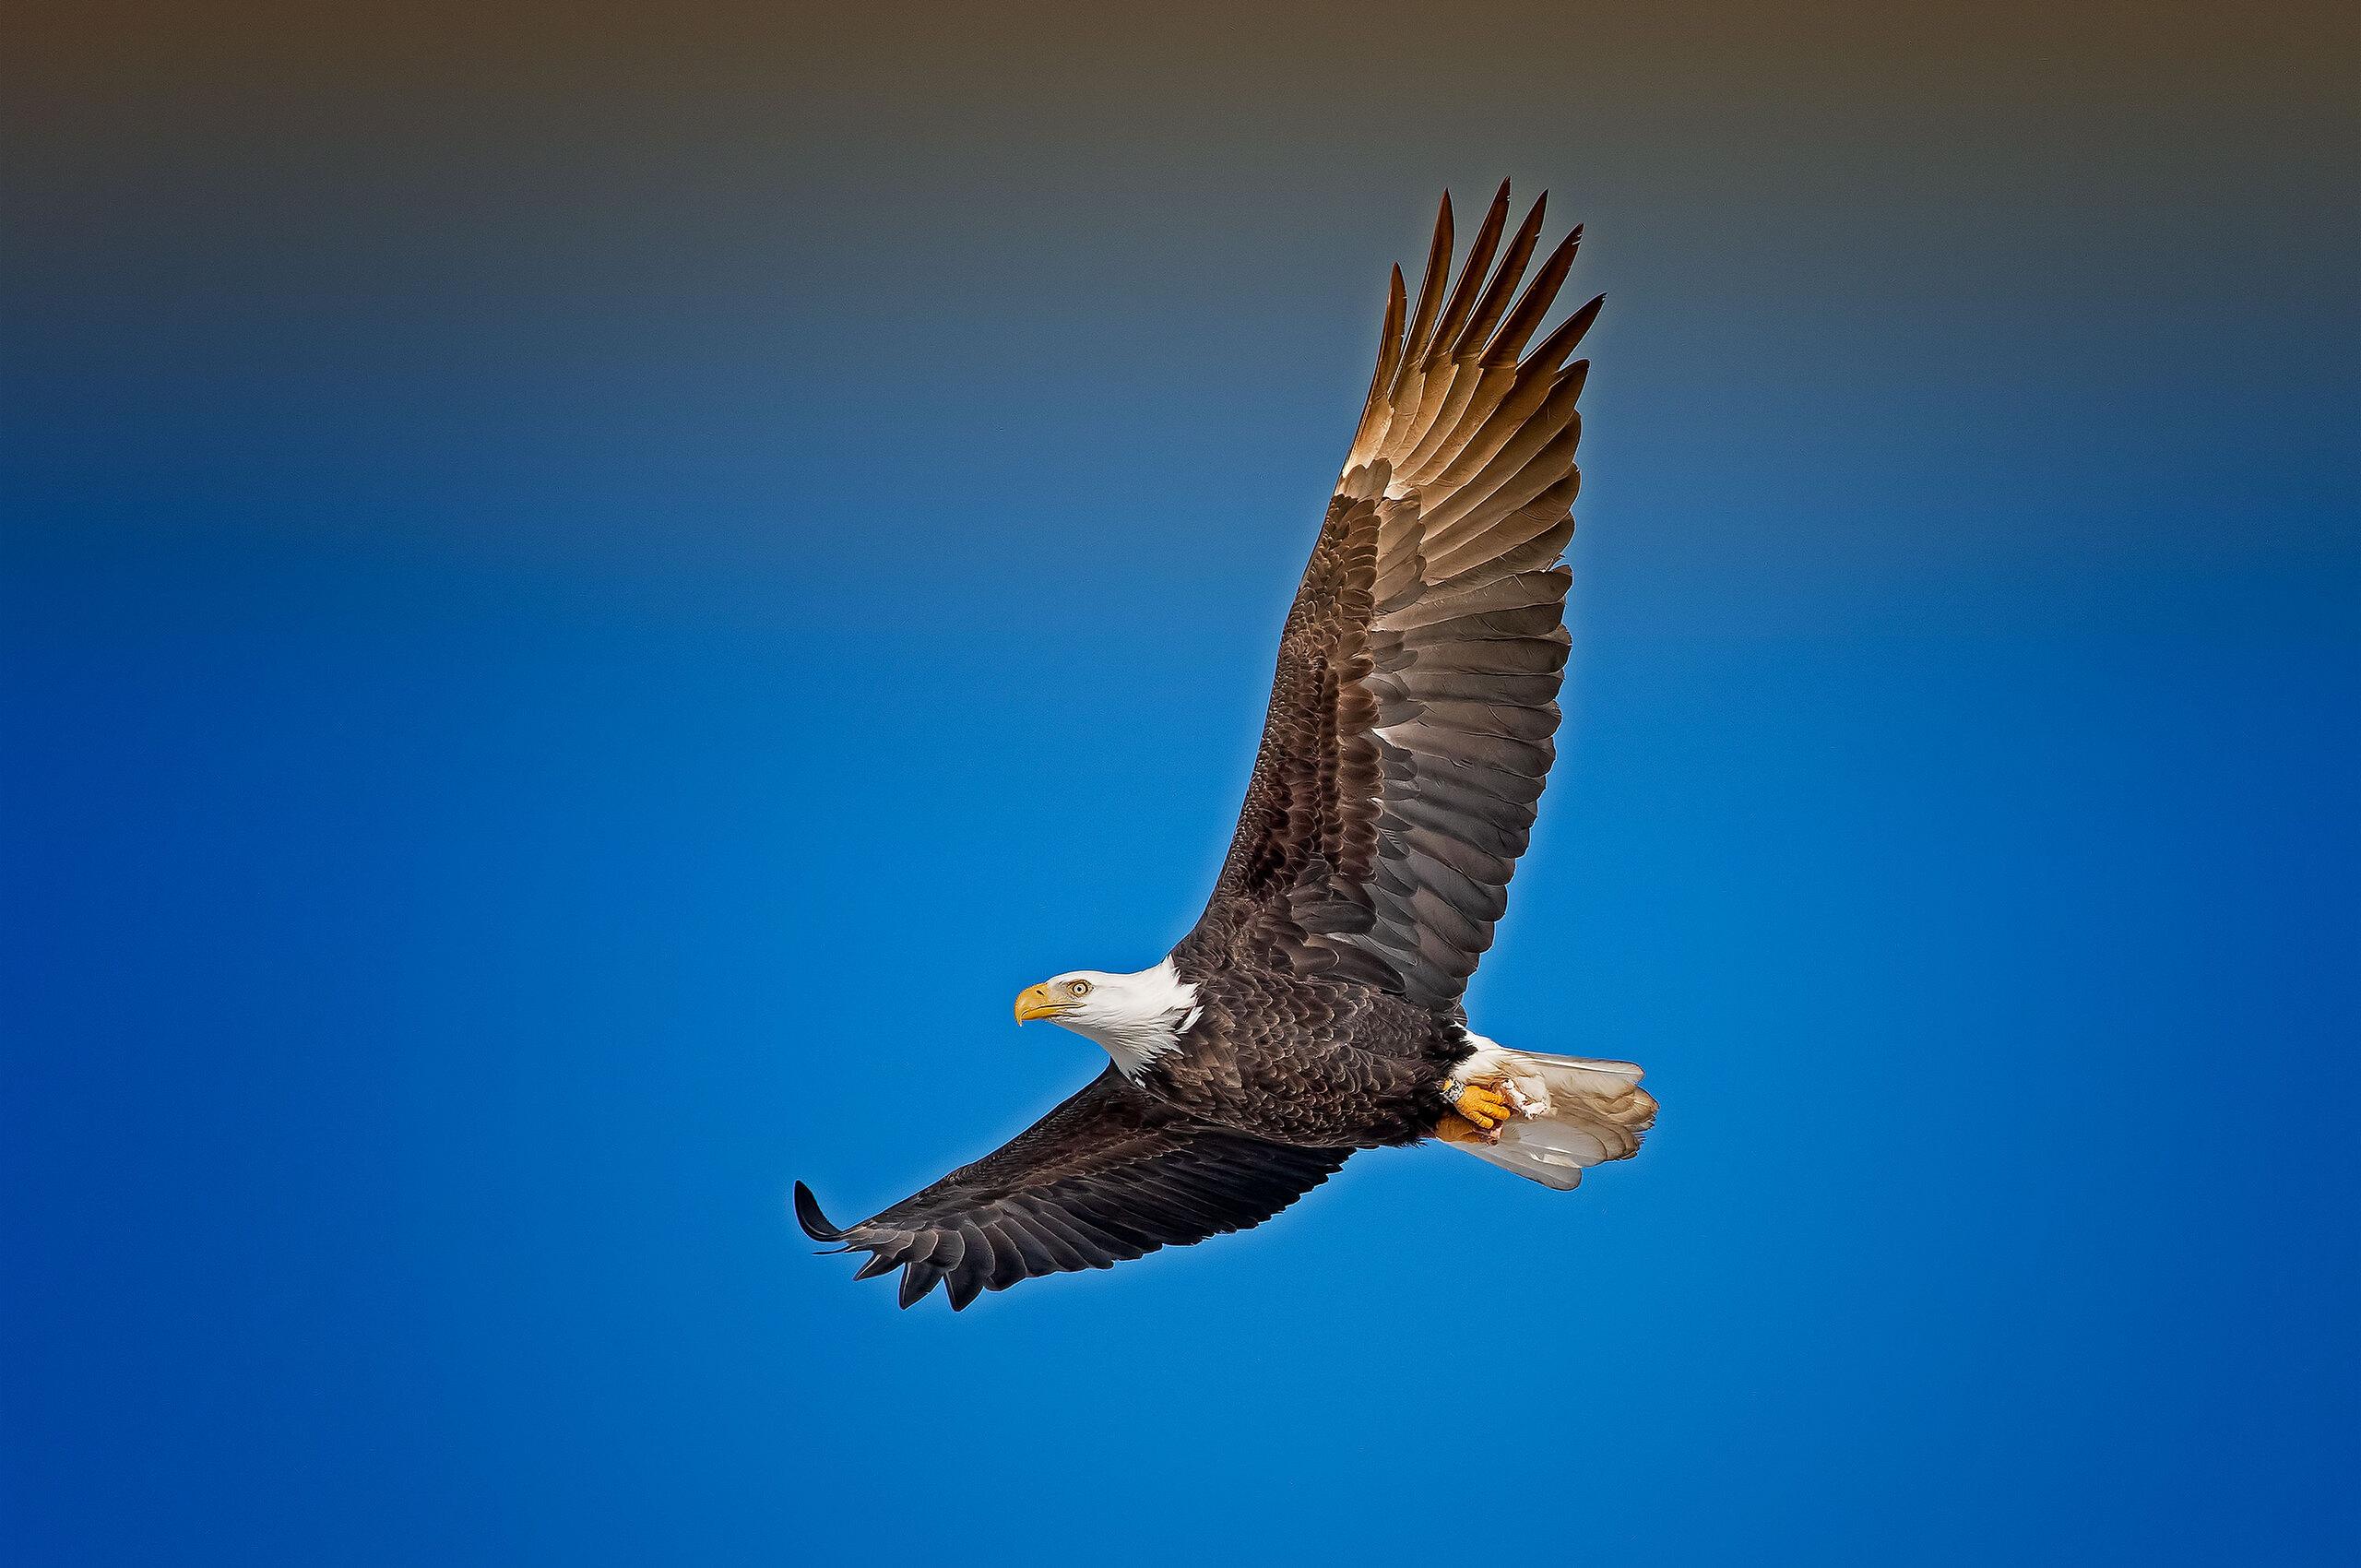 bald-eagle-sky-j8.jpg